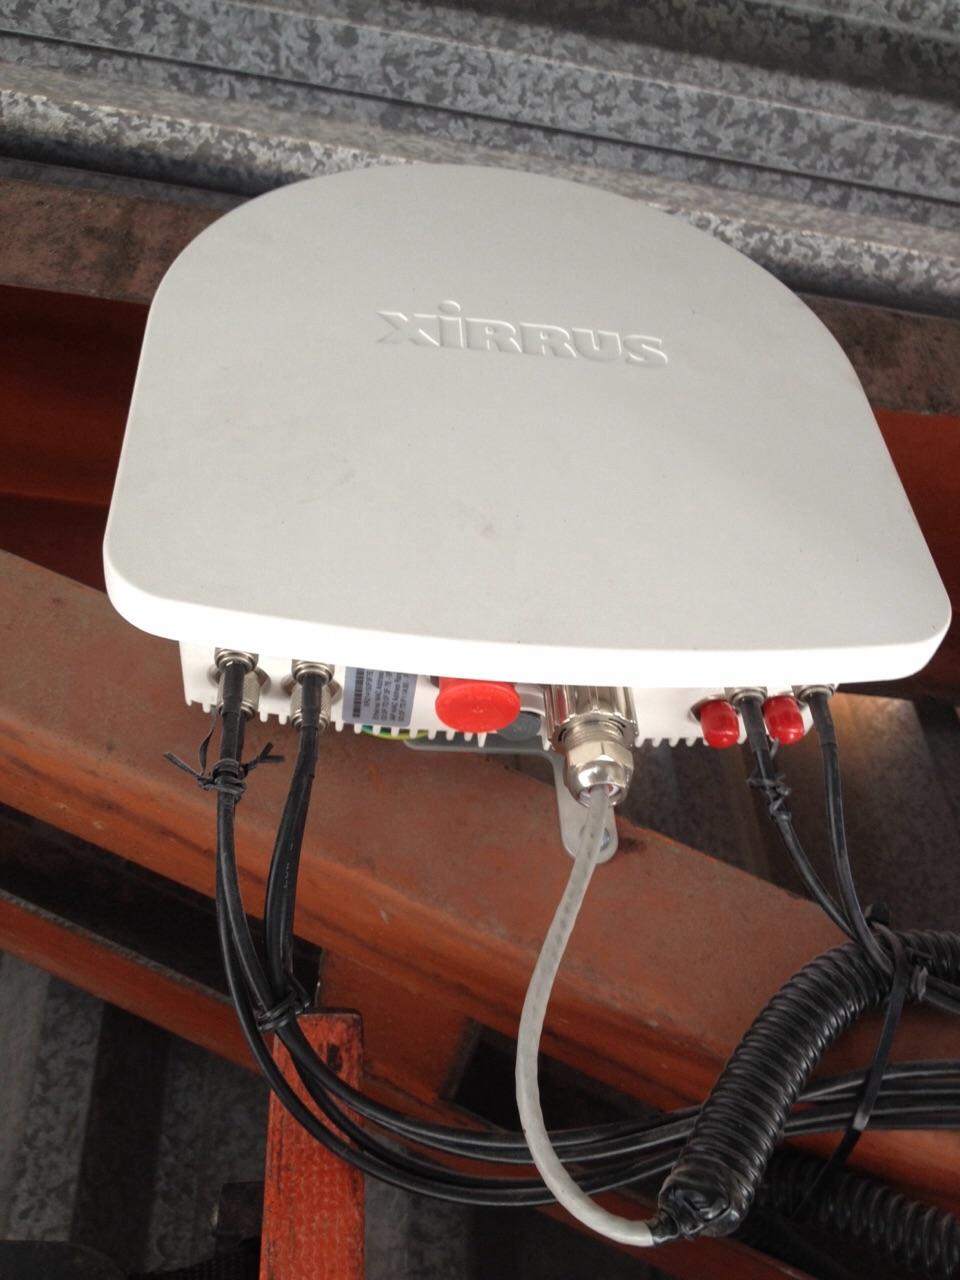 Implantação Antenas Wifi Xirrus